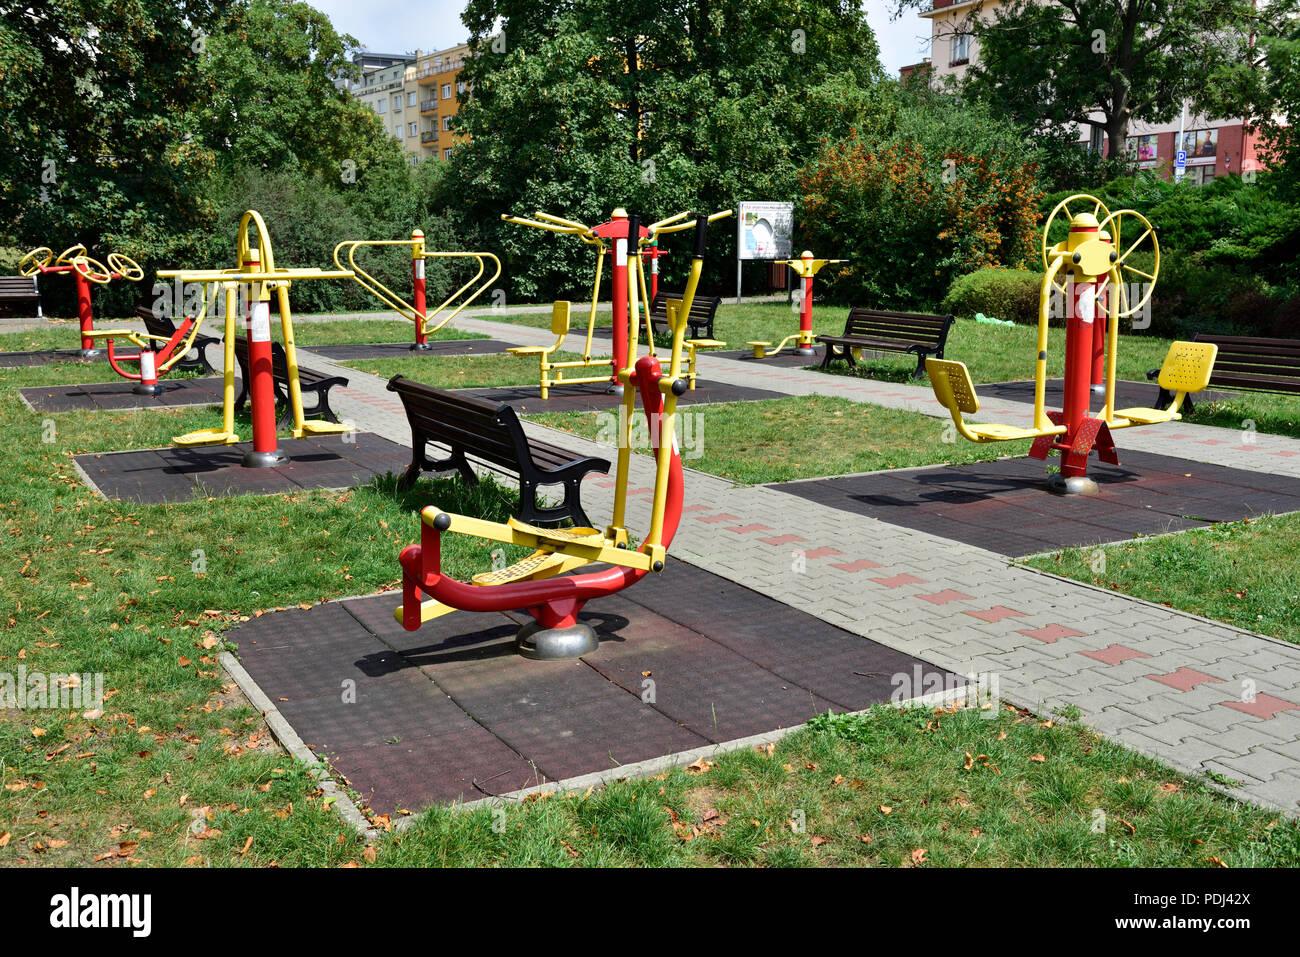 L'équipement d'exercice public de plein air pour les aînés au parc, parc pro seniory 'Sport', Prague, République Tchèque Photo Stock